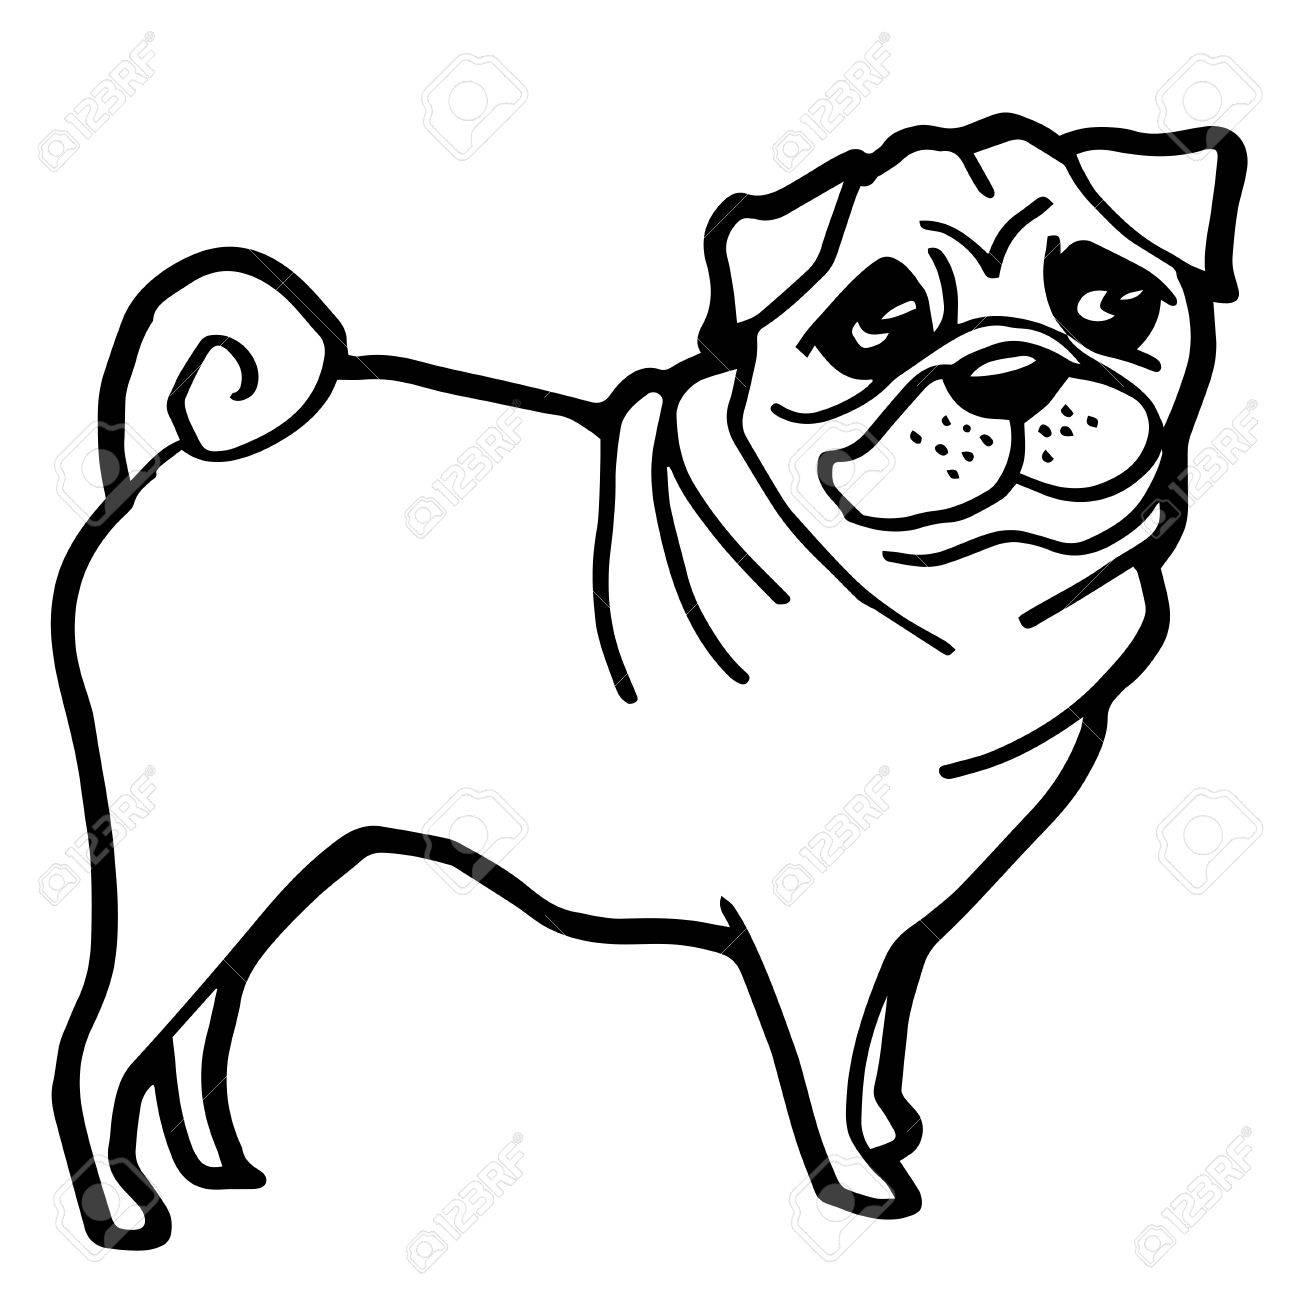 Excepcional Perro Con Un Blog Para Colorear Bandera - Enmarcado Para ...